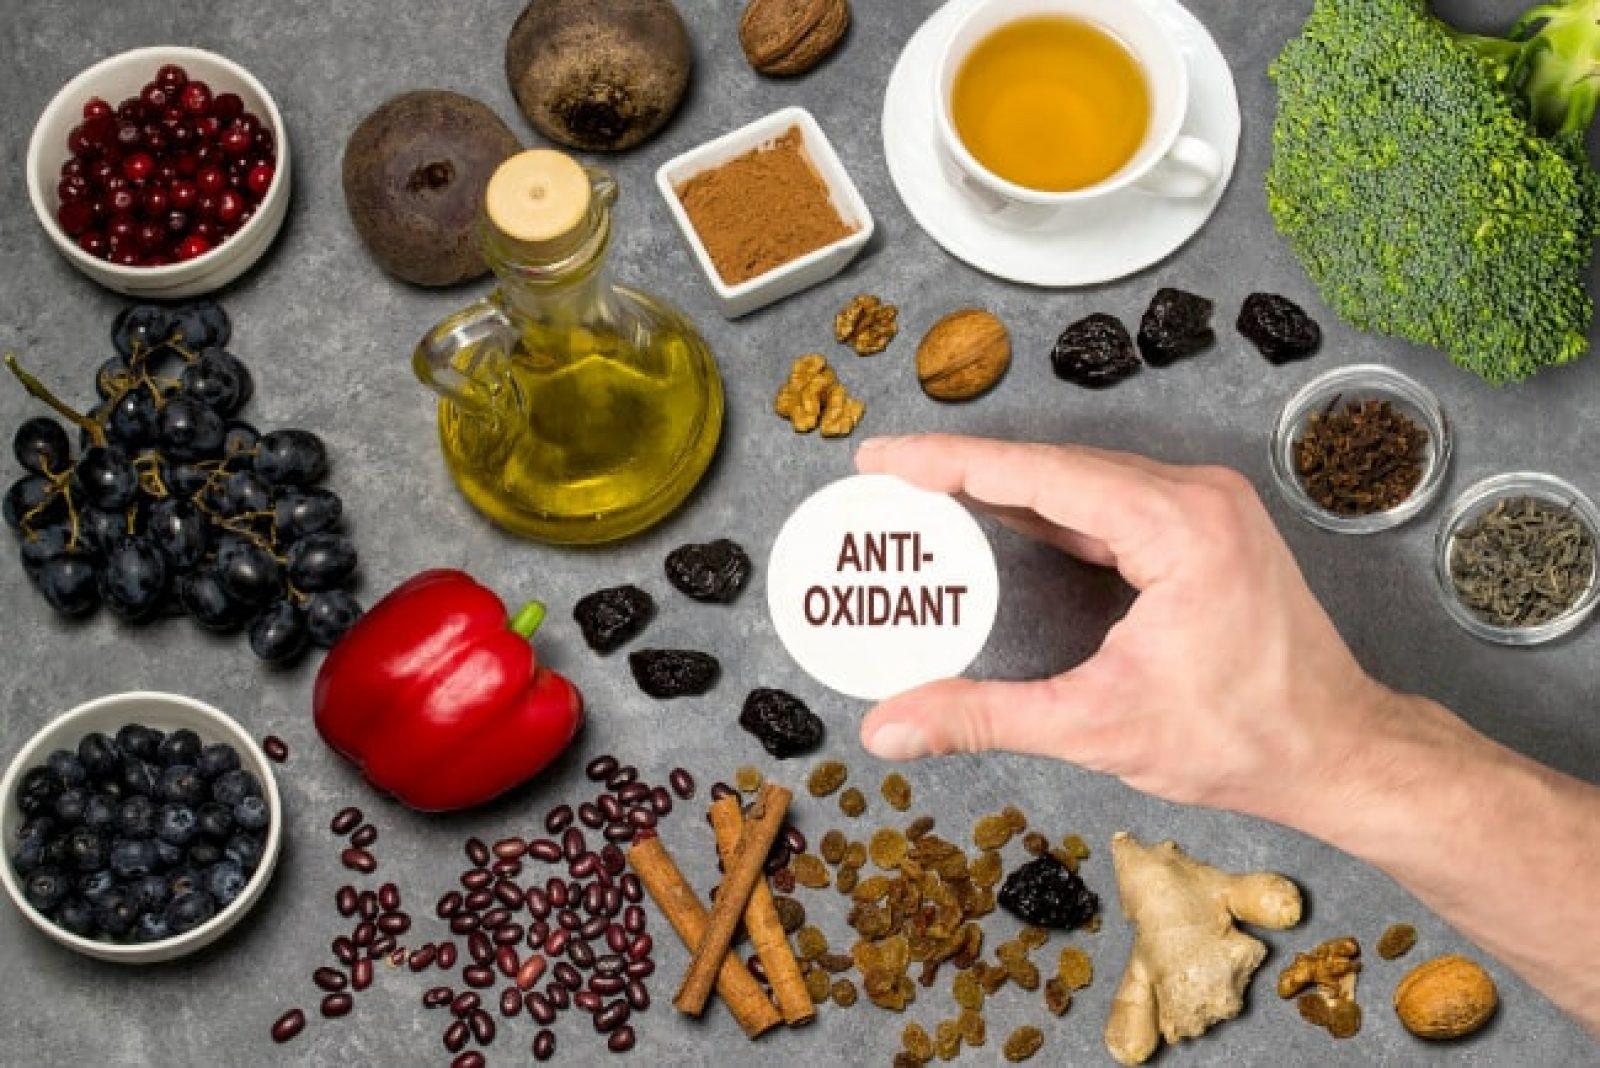 Mit Antioxidantien gegen freie Radikale?